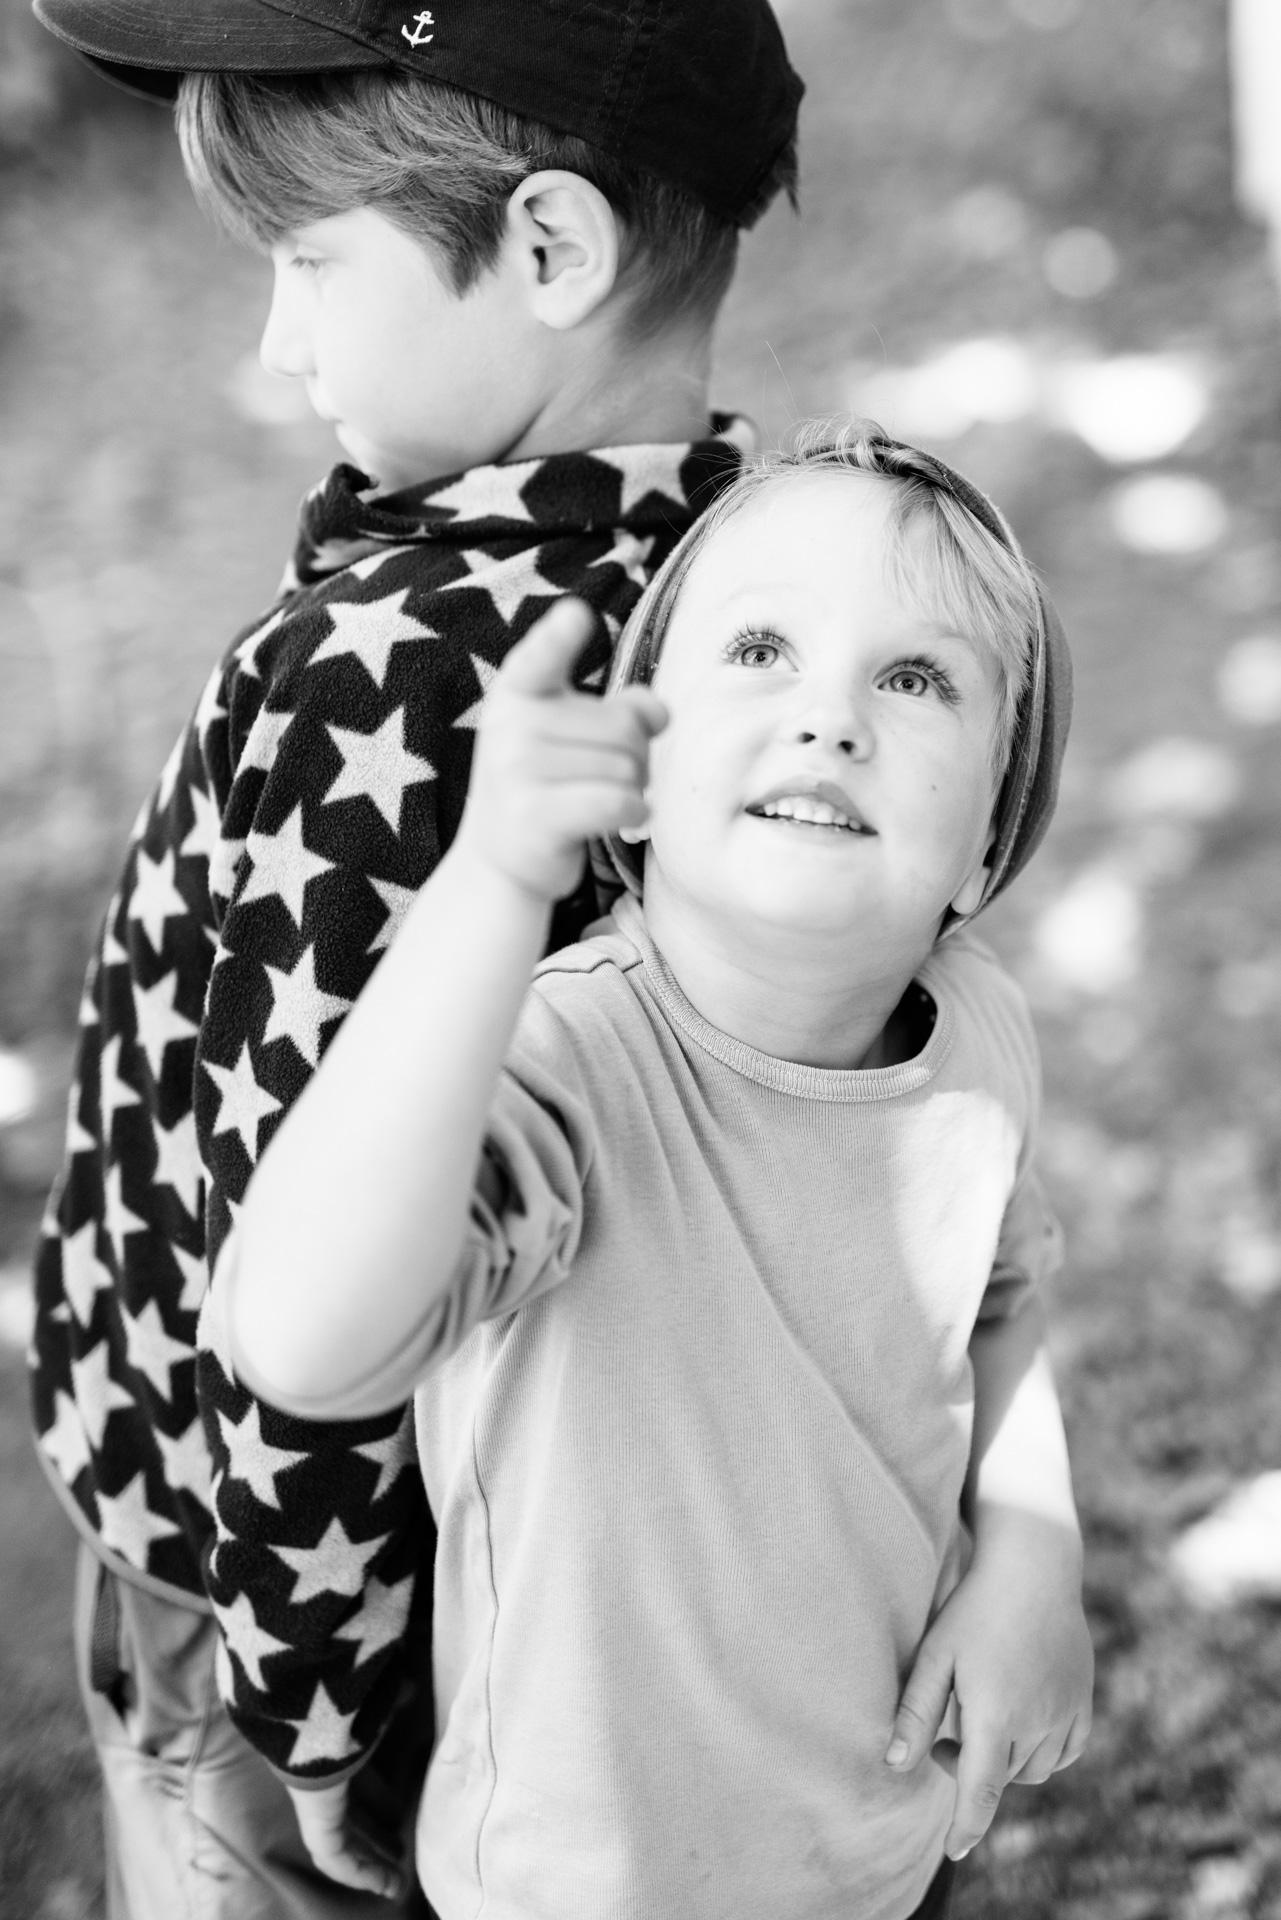 Kindergartenfotograf Merzig natürliche Kindergartenfotografie moderne authentische Kindergartenfotos Saarlouis Photographie Poesie Kindergartenfotografin Fotograf Kita Kindergarten